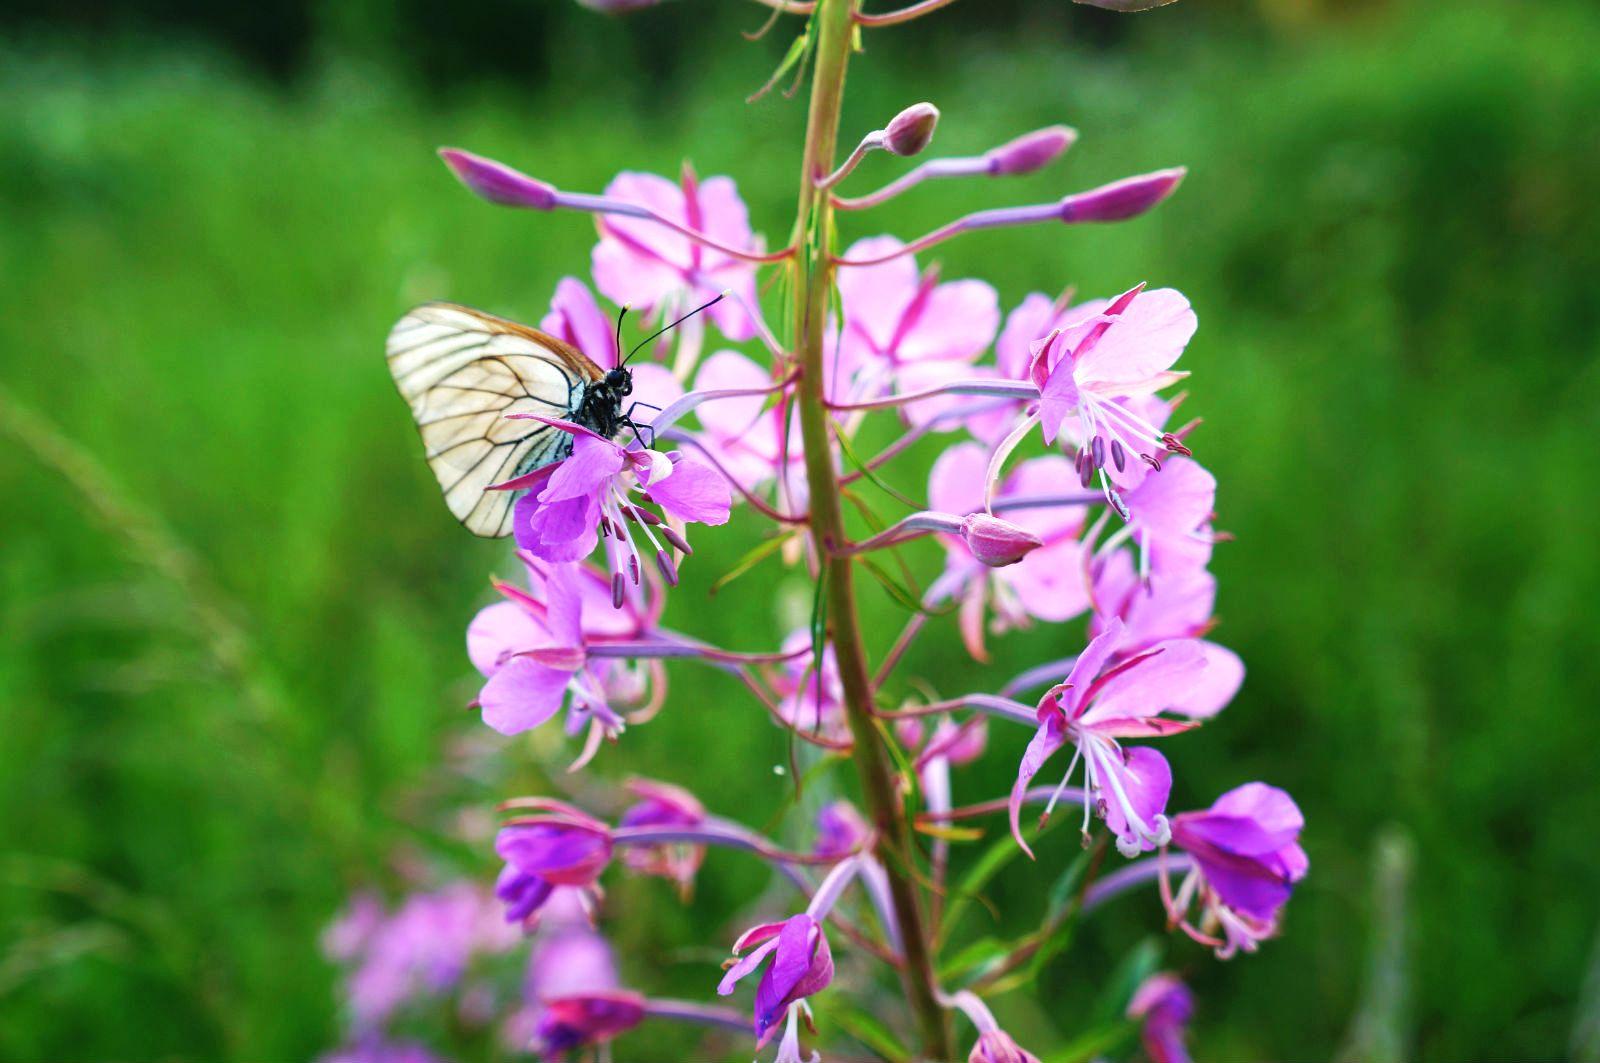 ИВАН-ЧАЙ. Блиц: полевые цветы